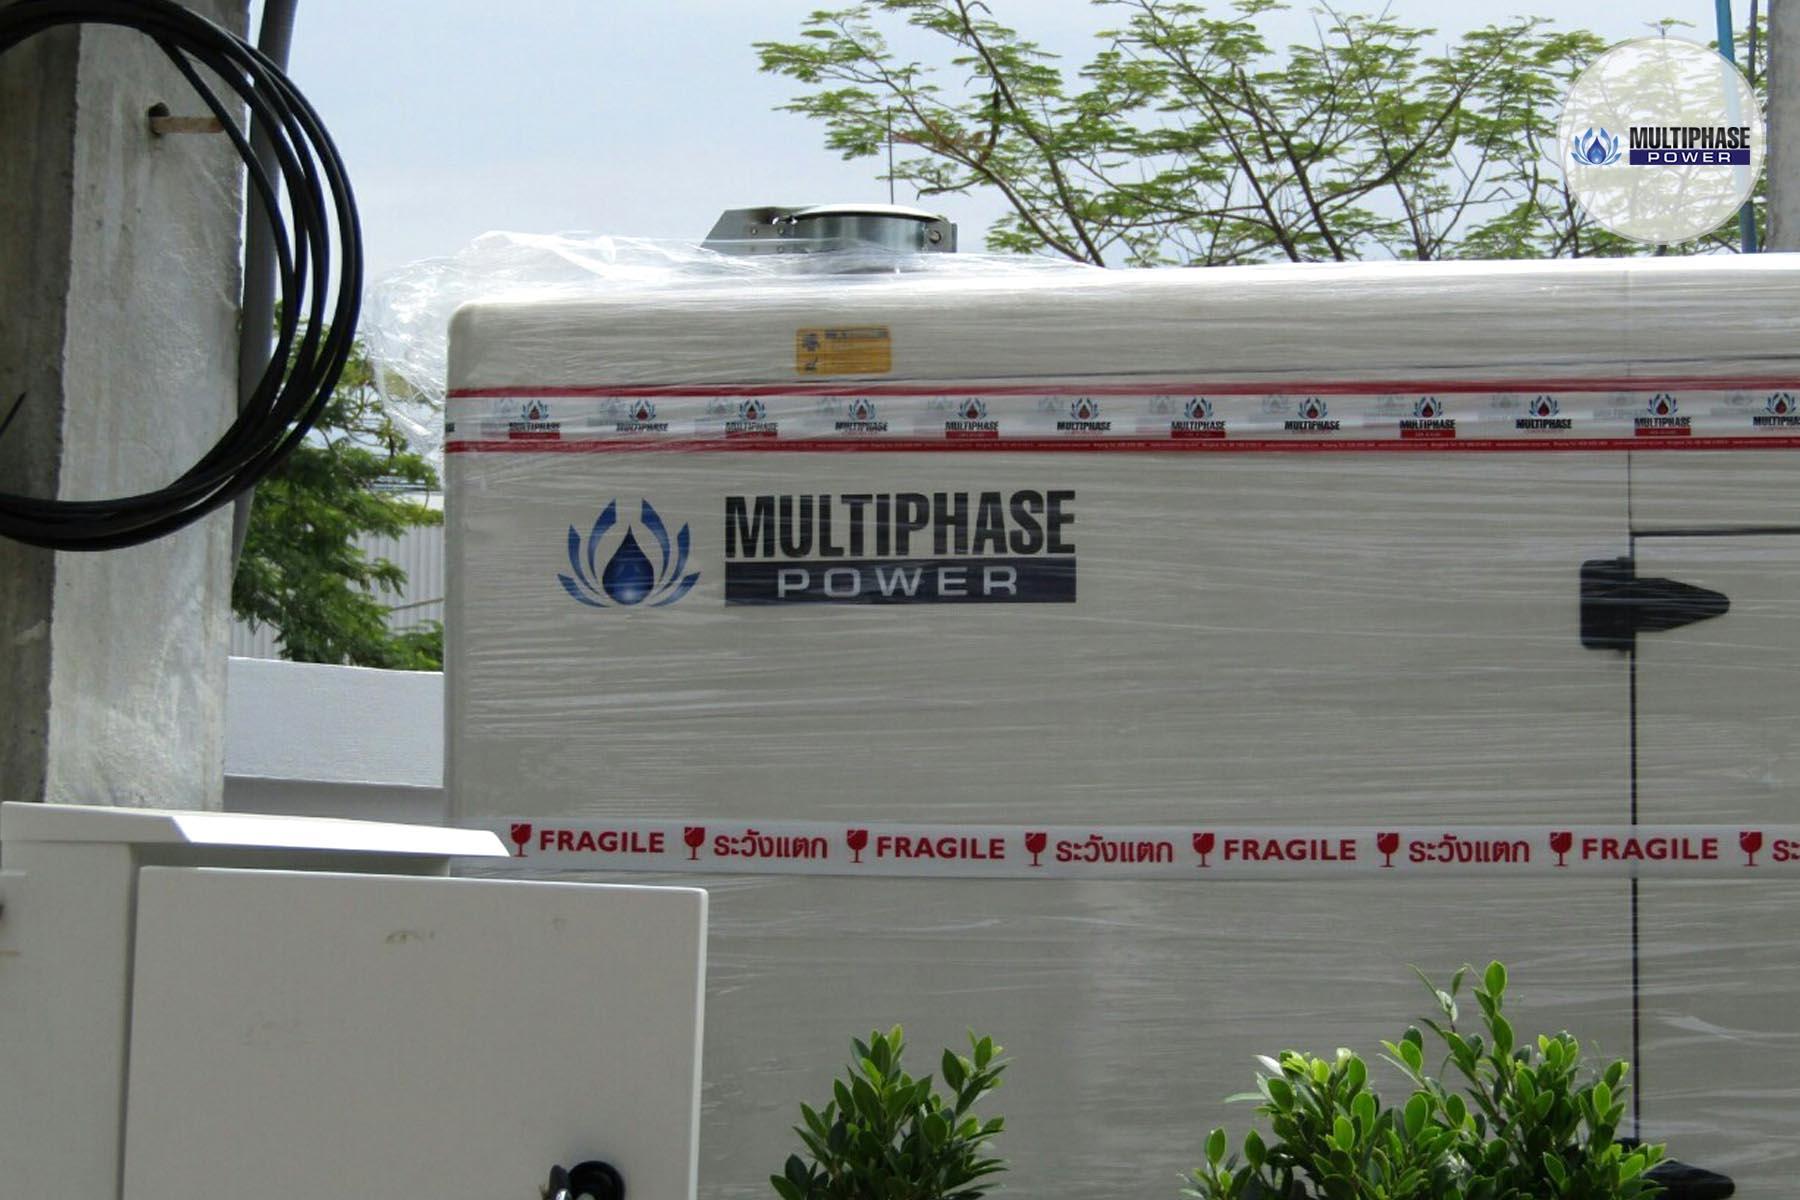 ให้เช่าเครื่องกำเนิดไฟฟ้า Generator โดยทีมงานมัลติเฟส พาวเวอร์